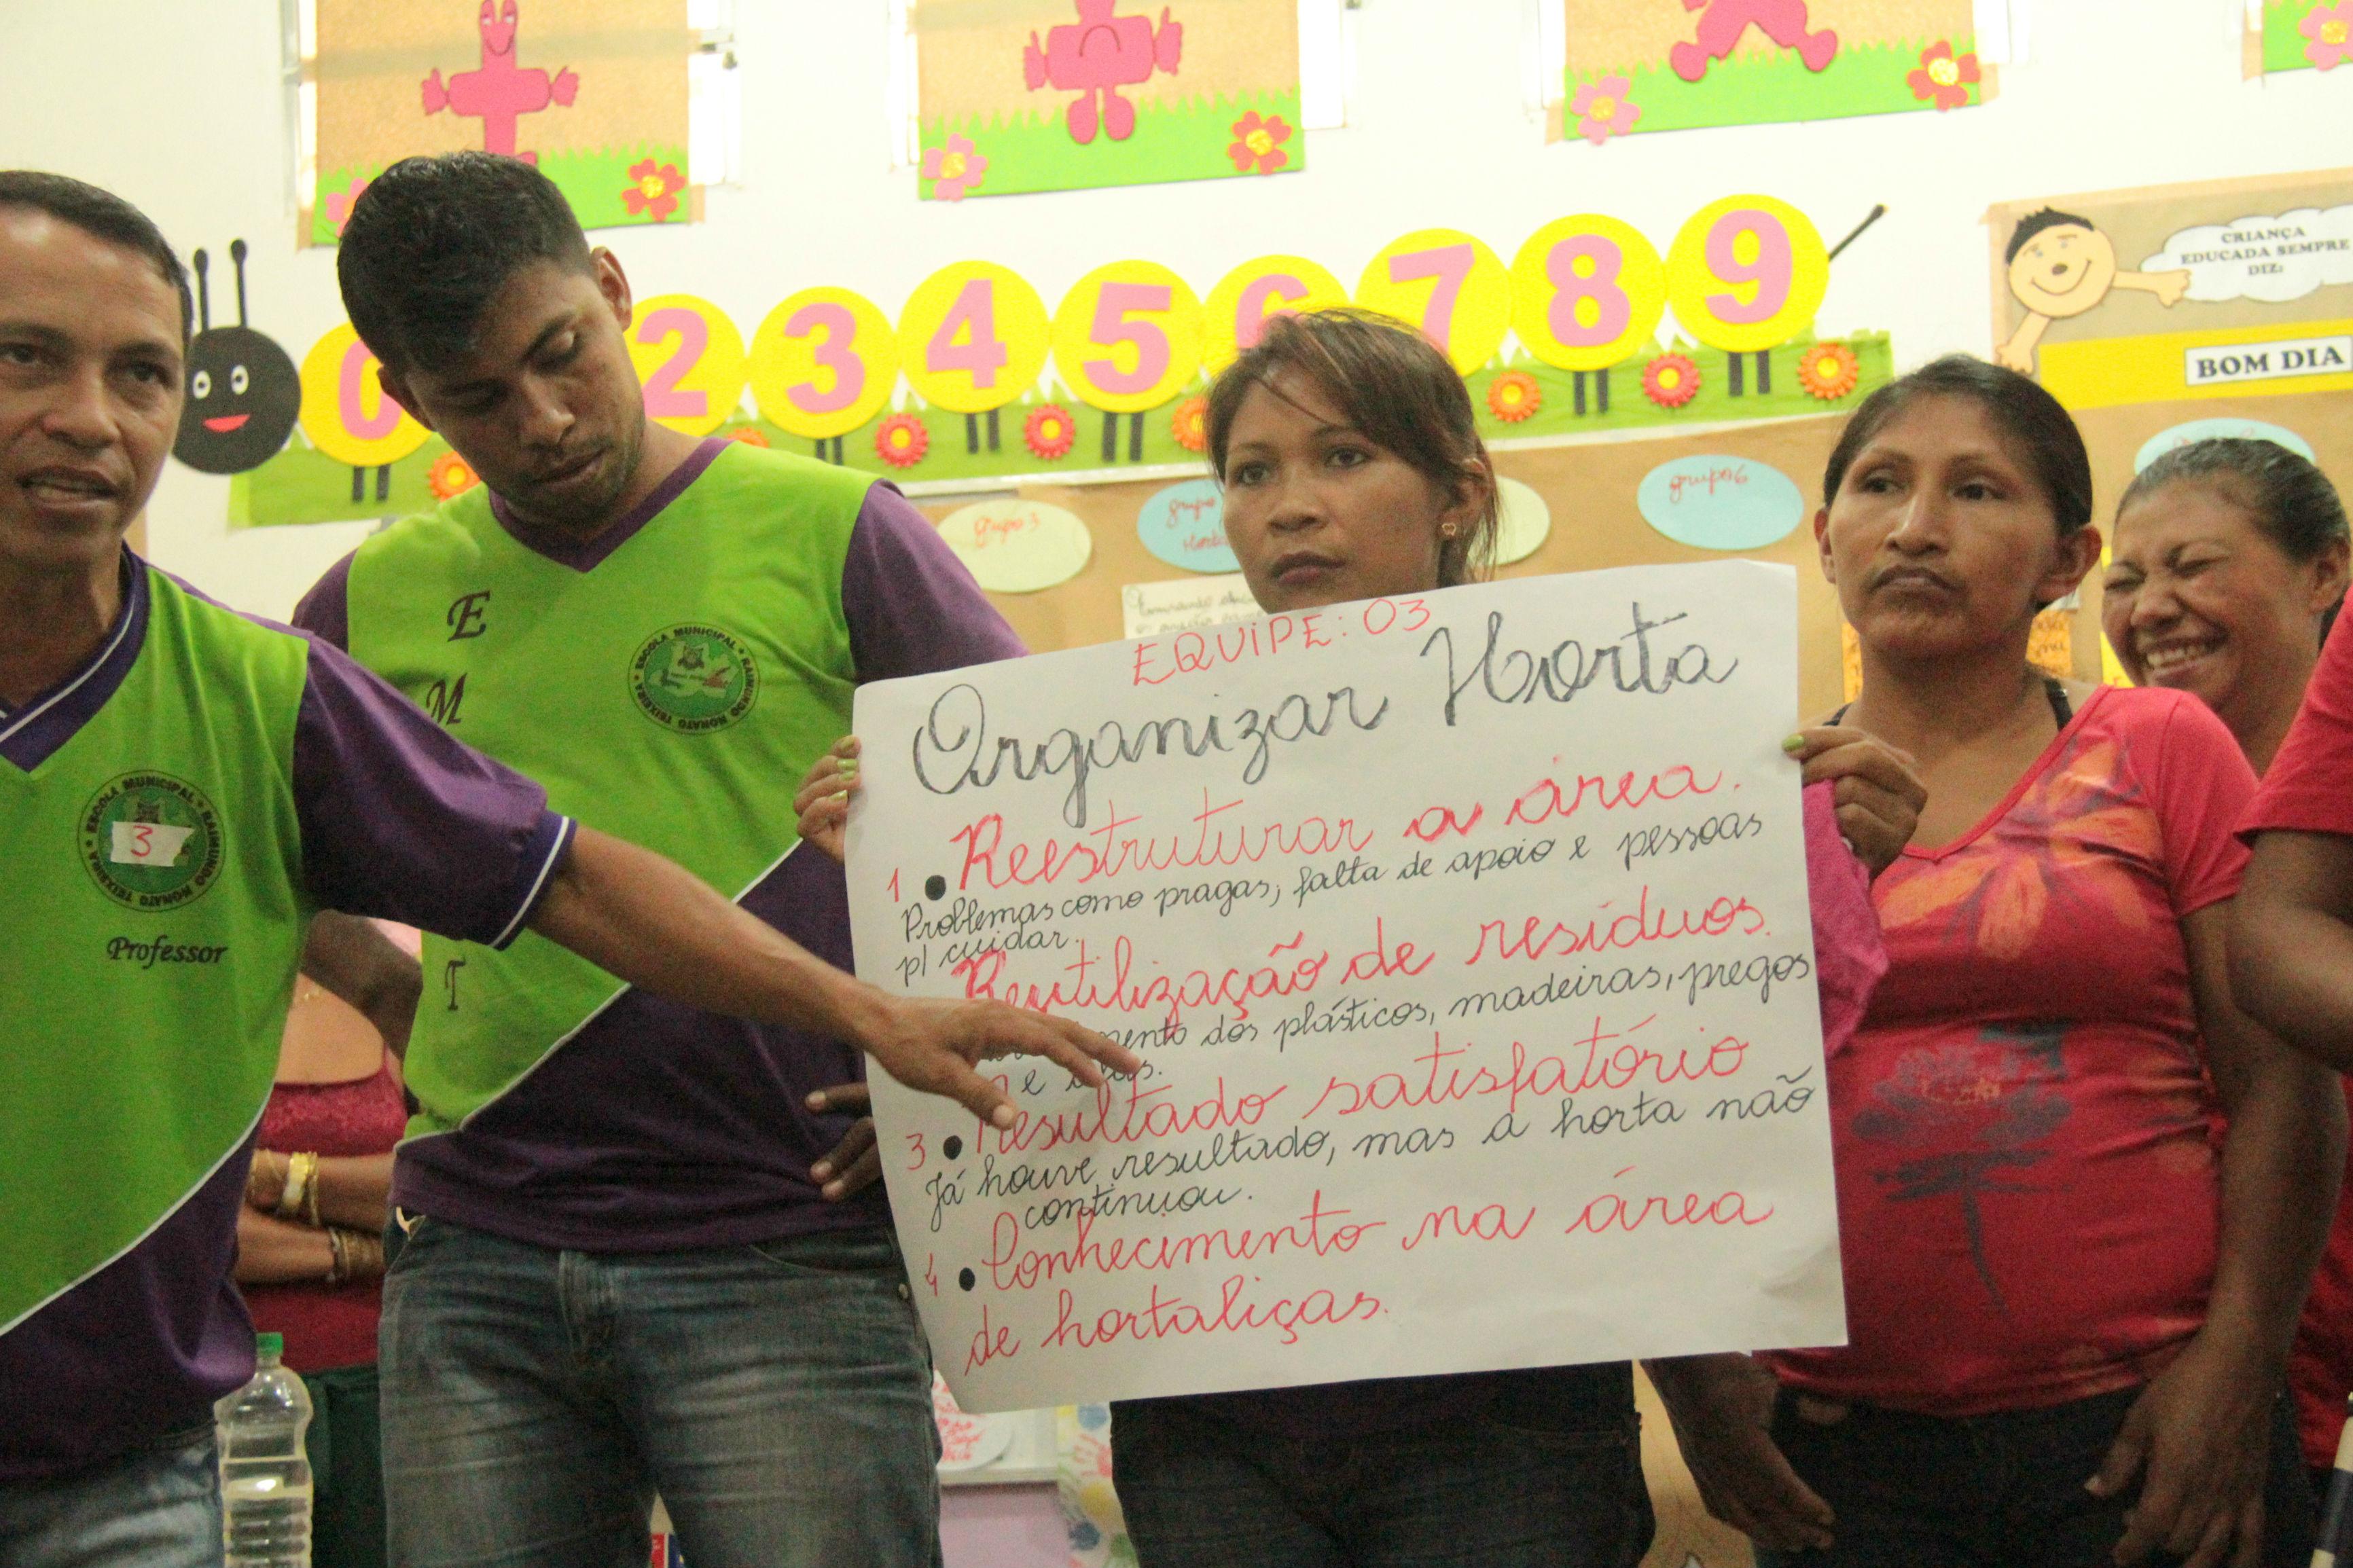 Ajuri realiza oficina de sonhos e ações em escolas de Novo Airão